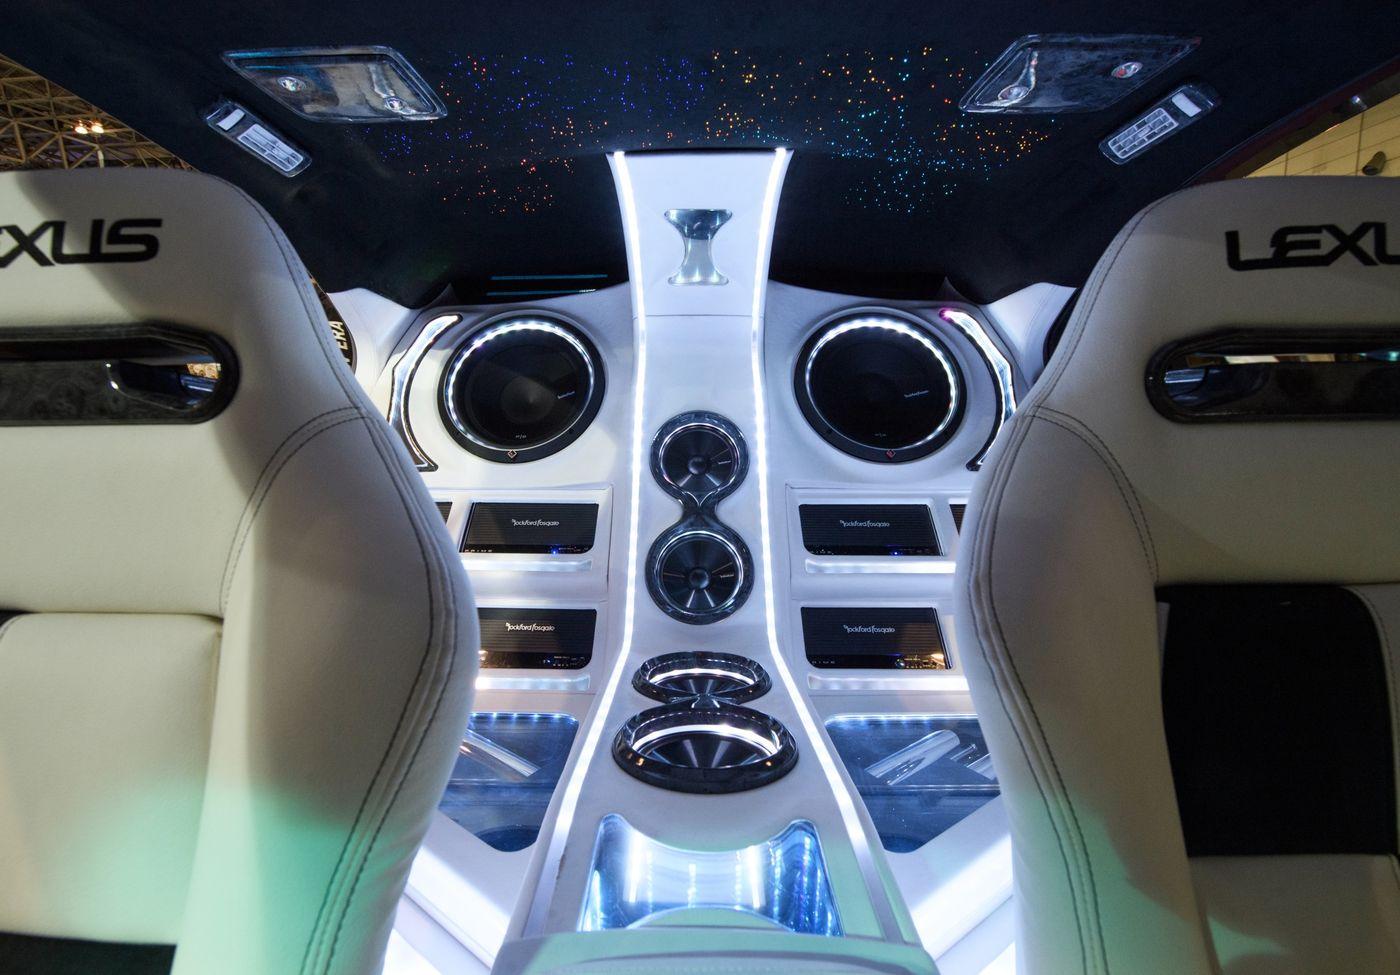 Hàng trăm mẫu xe độc đáo ra mắt tại triển lãm Tokyo Auto Salon 2020 - 12